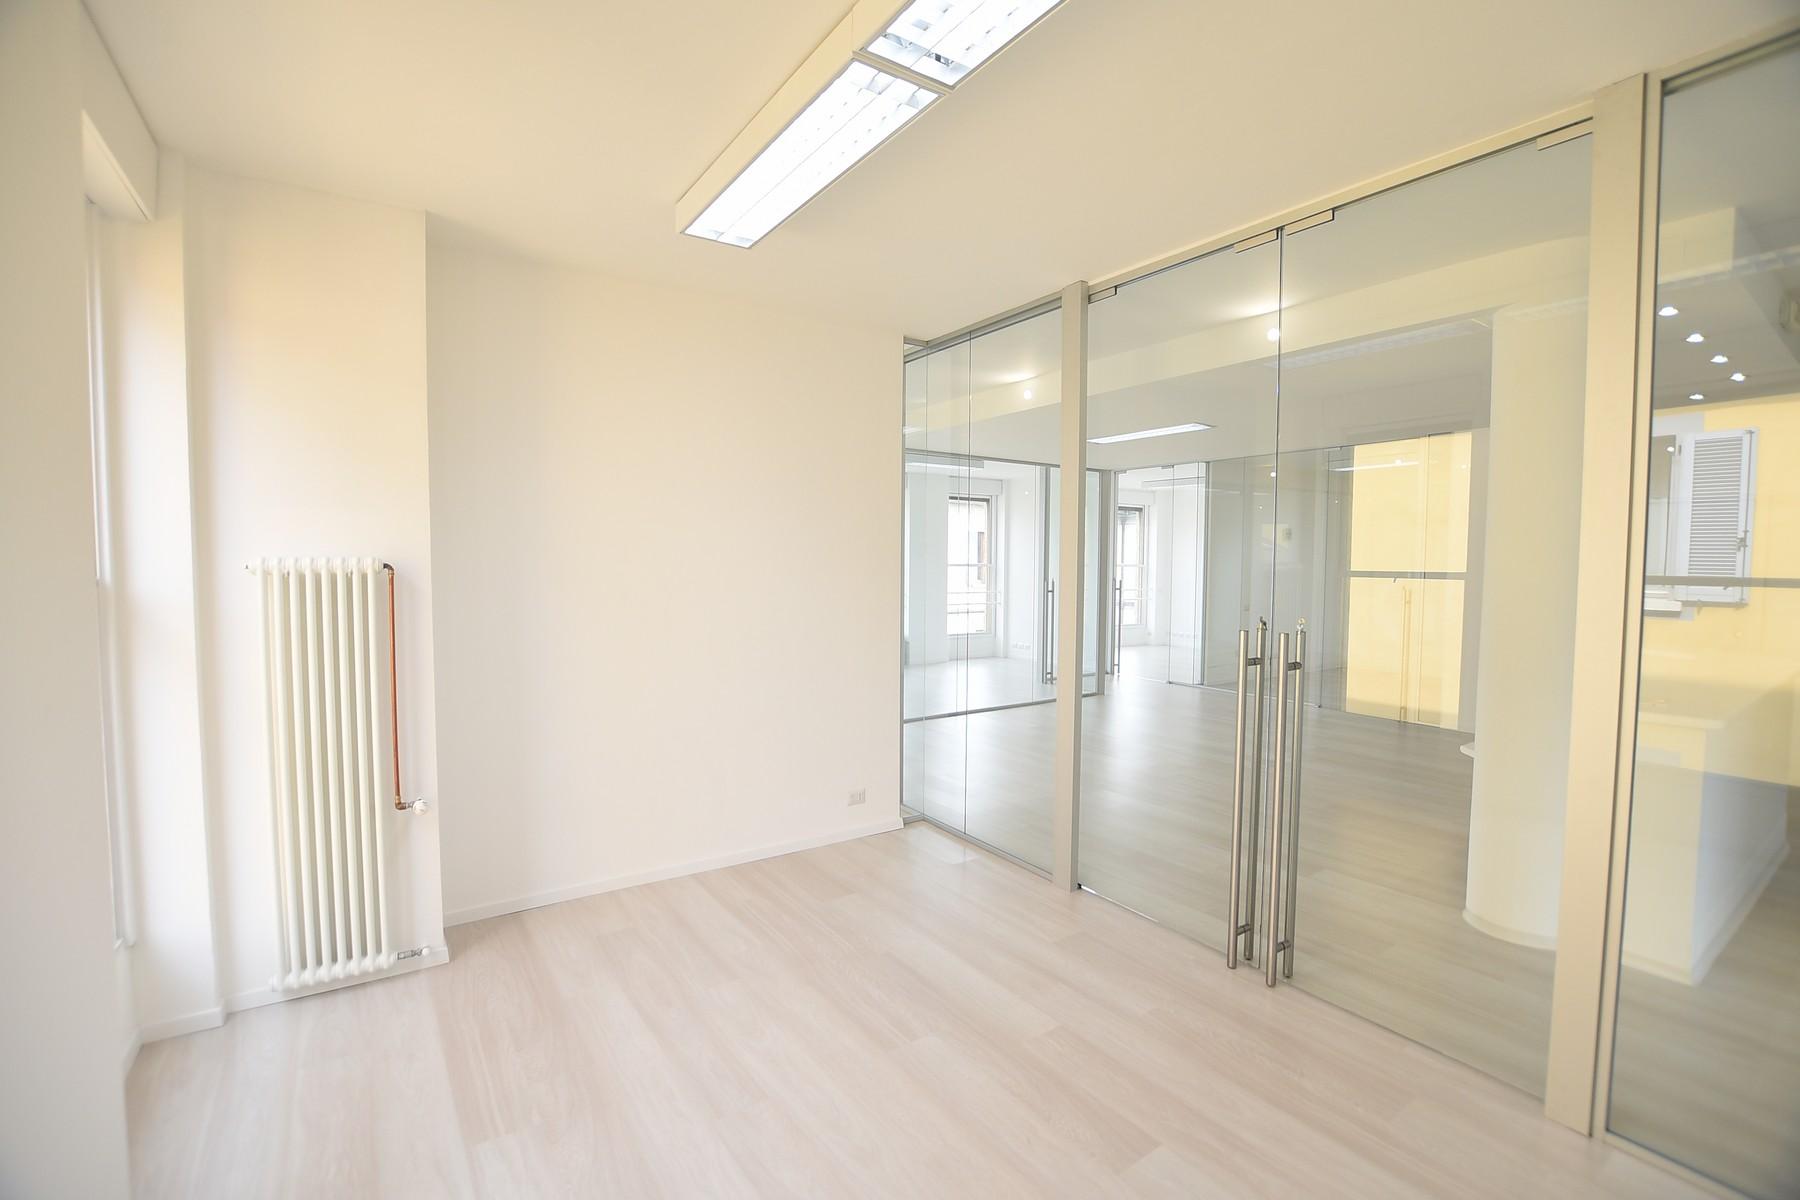 Ufficio-studio in Vendita a Como: 0 locali, 190 mq - Foto 7